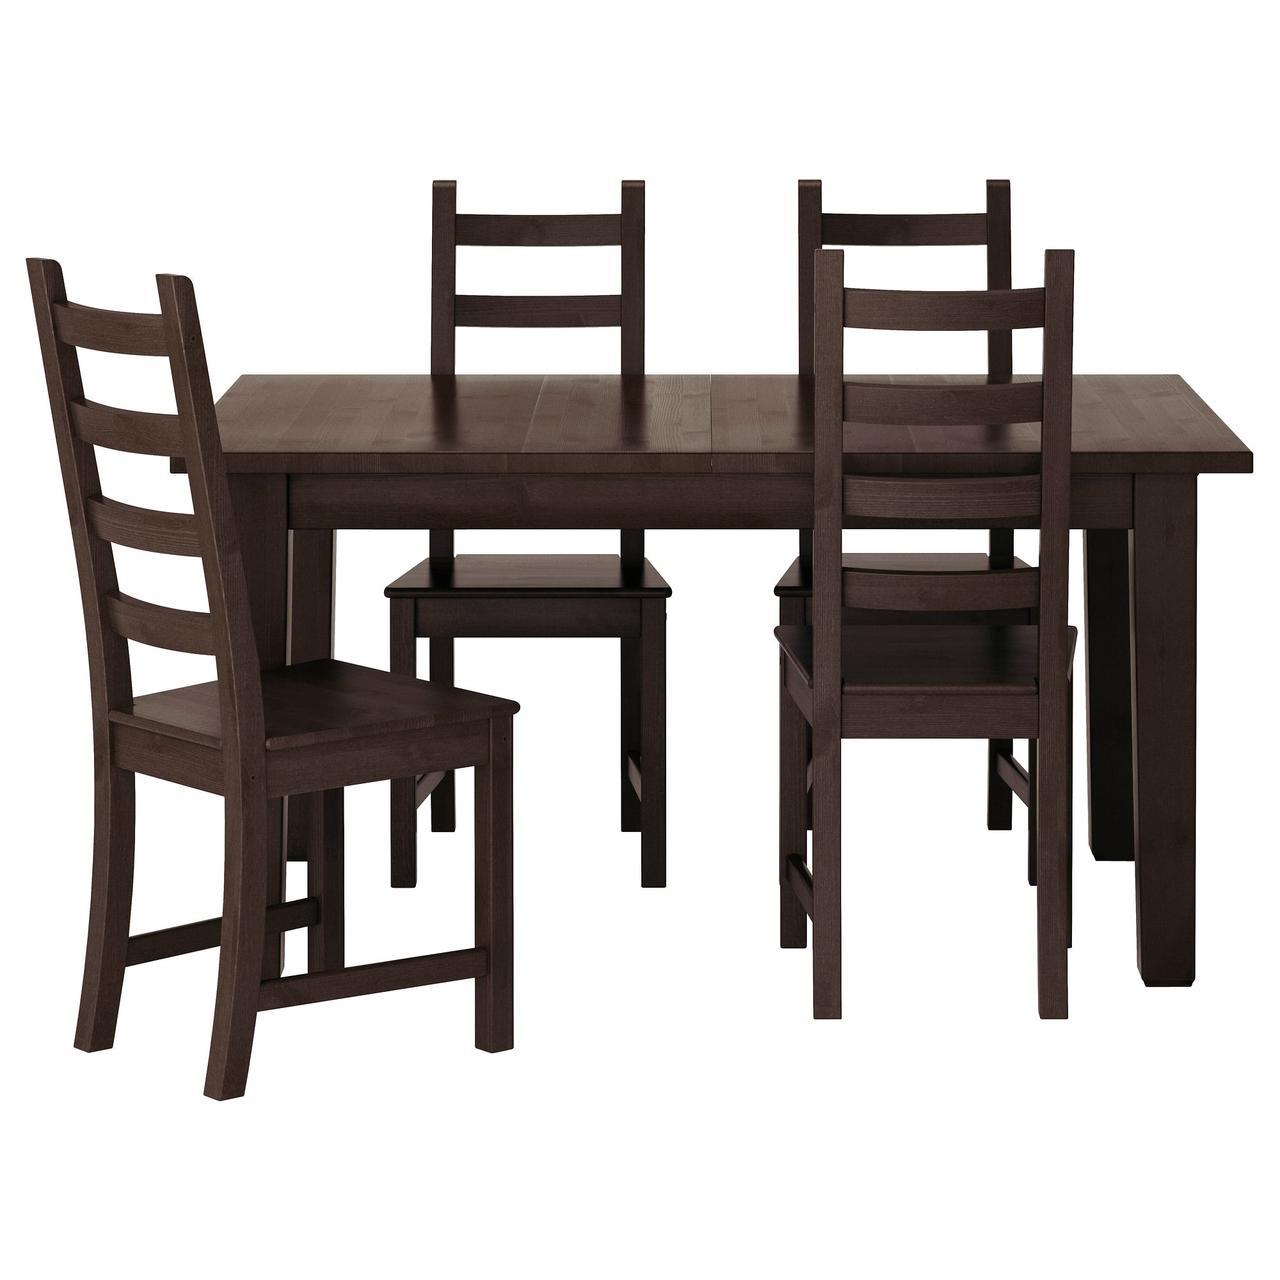 СТУРНЭС / КАУСТБИ Стол и 4 стула, коричнево-чёрный